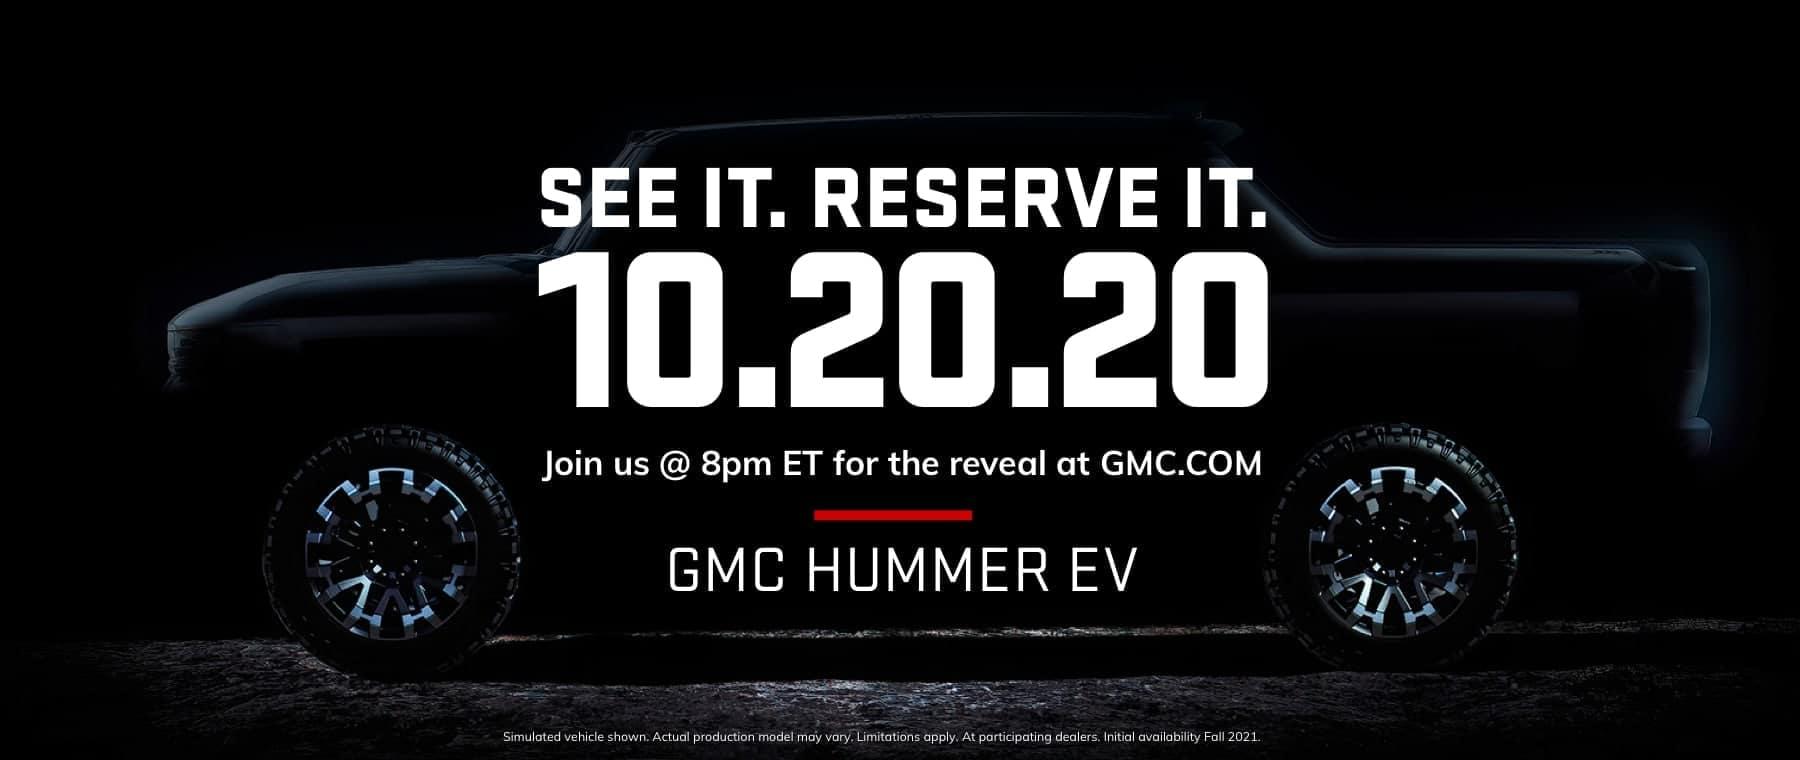 GMC Hummer EV coming 10-20-20